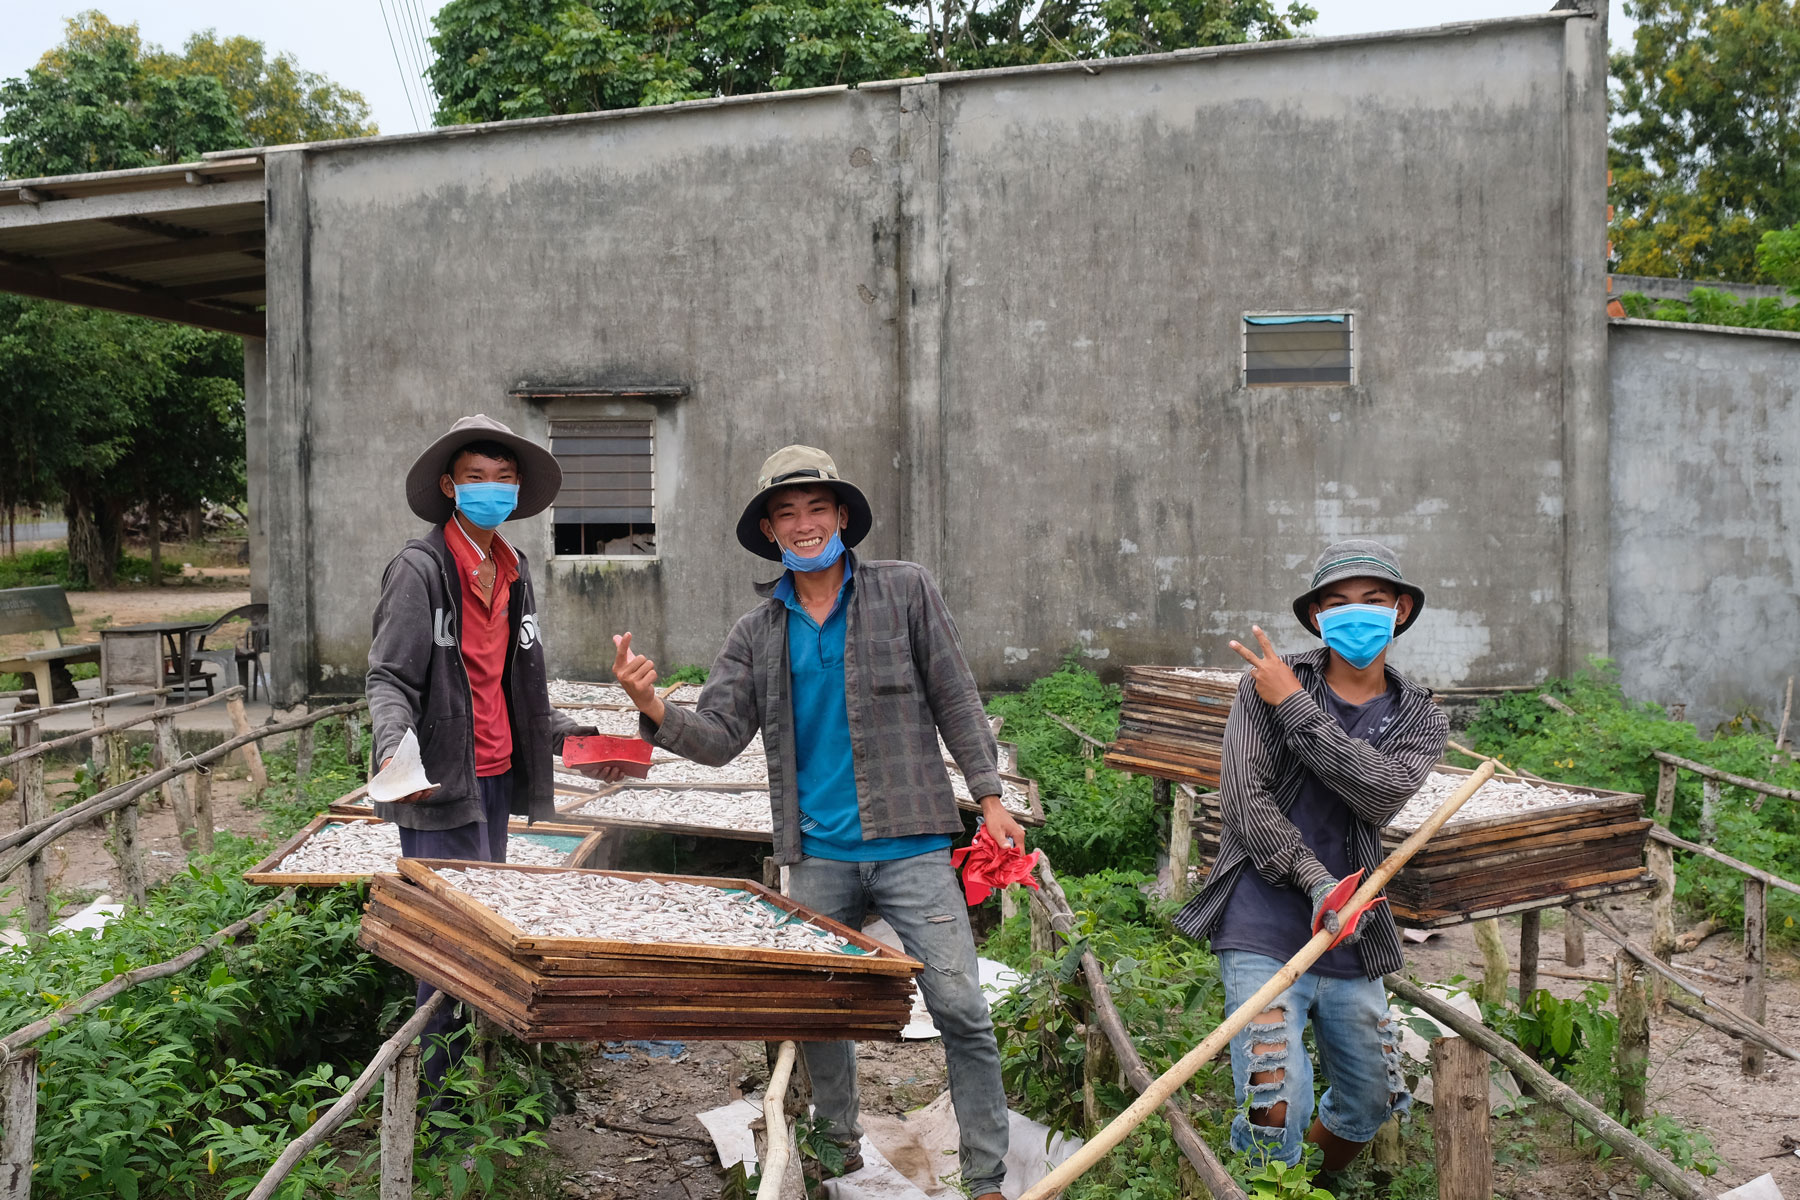 Junge Arbeiter ordnen Körbe mit Trockenfisch in der Sonne an und winken.